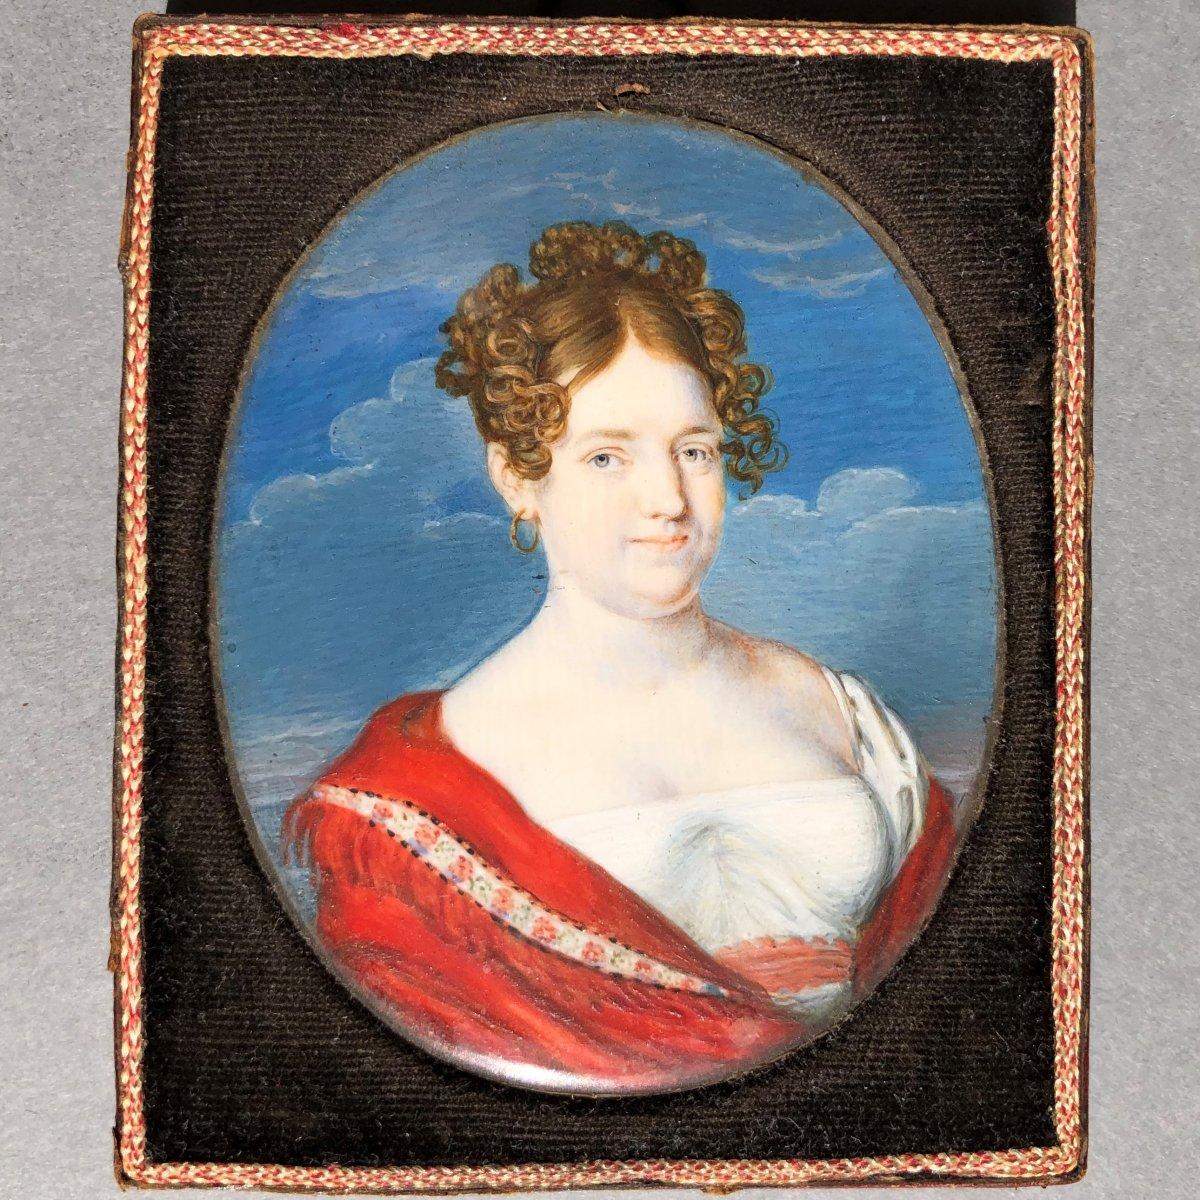 Belle miniature sur ivoire, portrait de femme en buste, époque empire